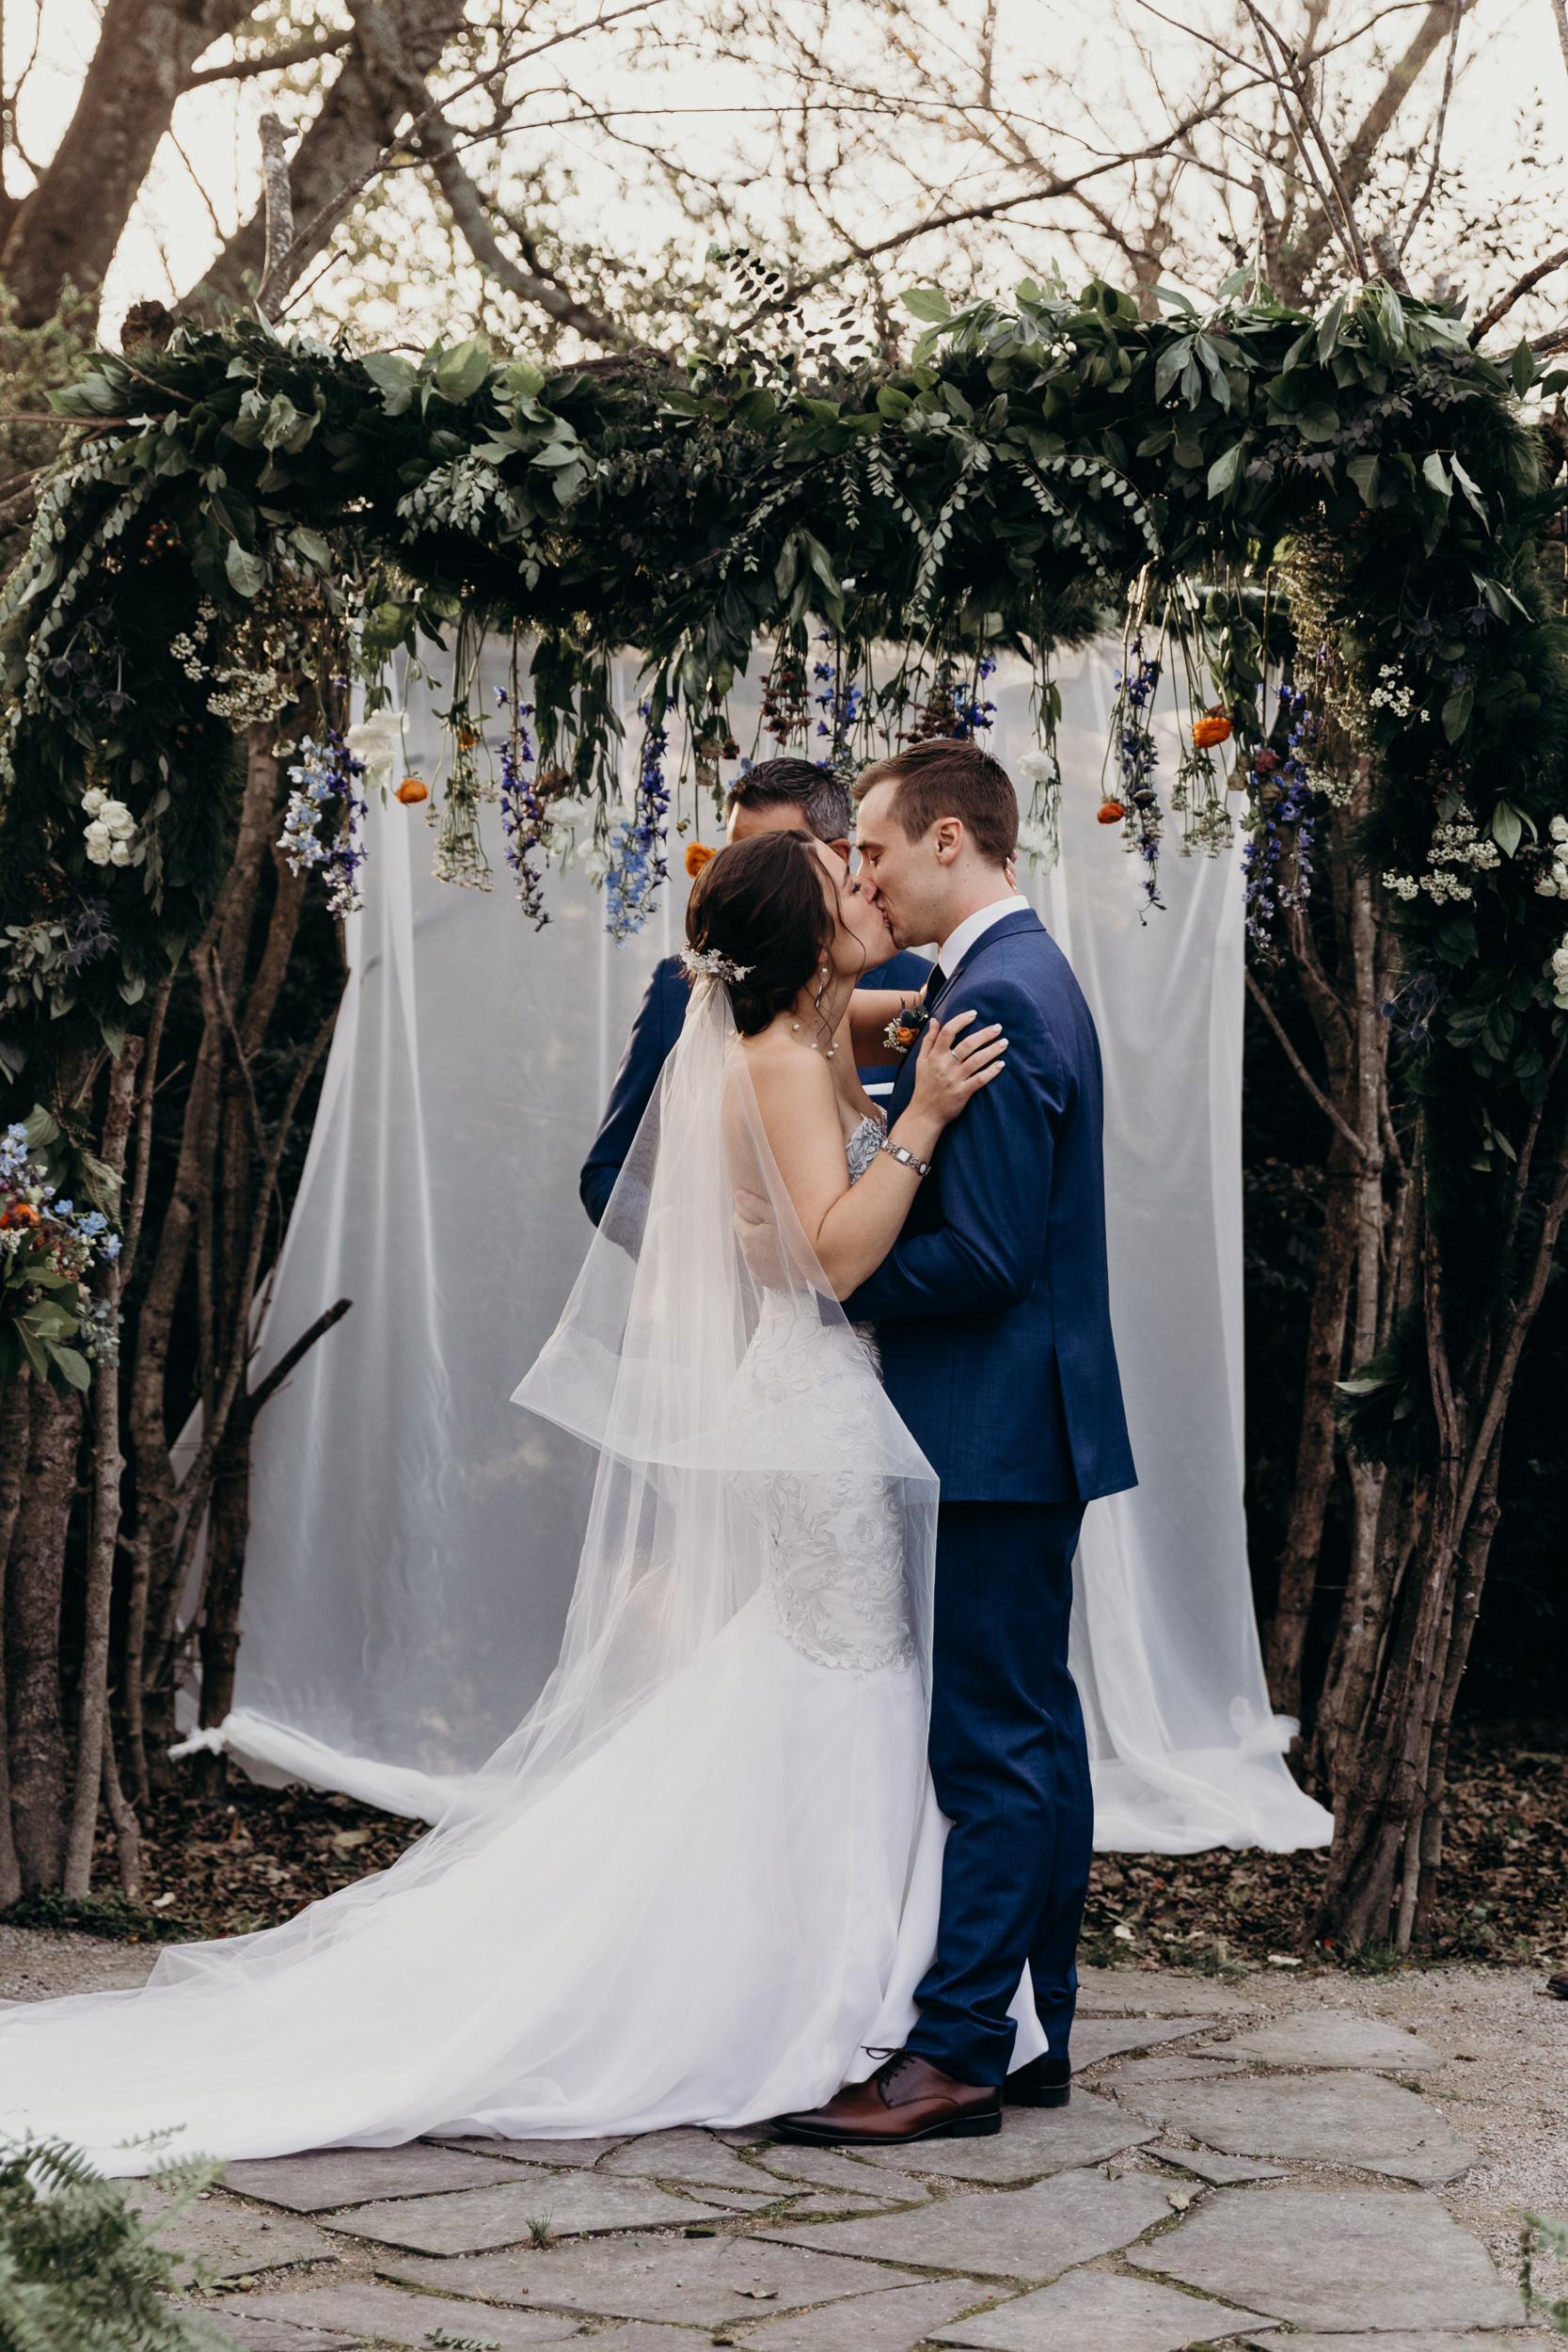 545-ltw-morgan-adam-wedding.jpg